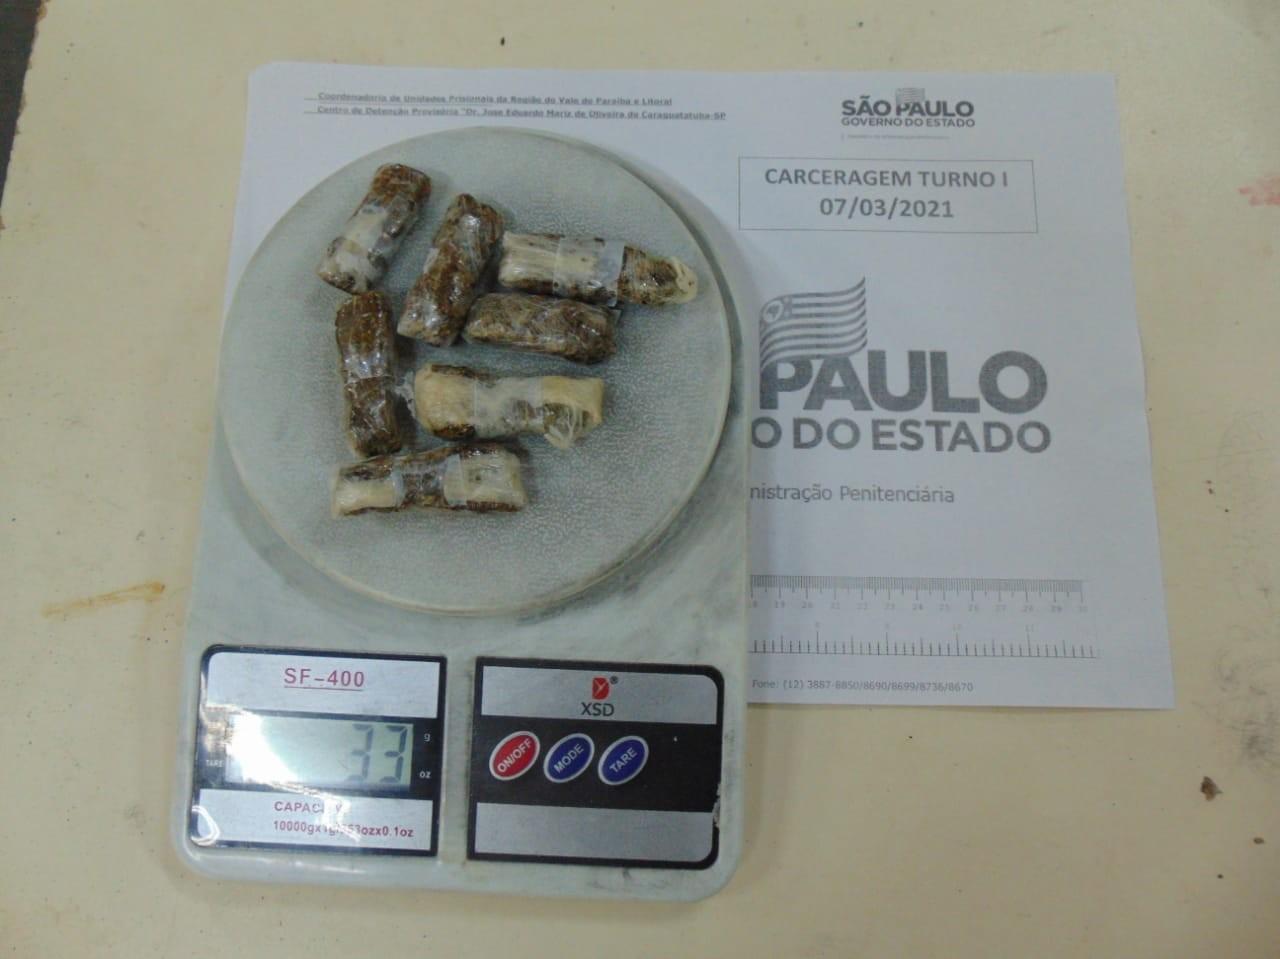 Agentes encontram drogas em embalagem de creme no CDP de Caraguatatuba